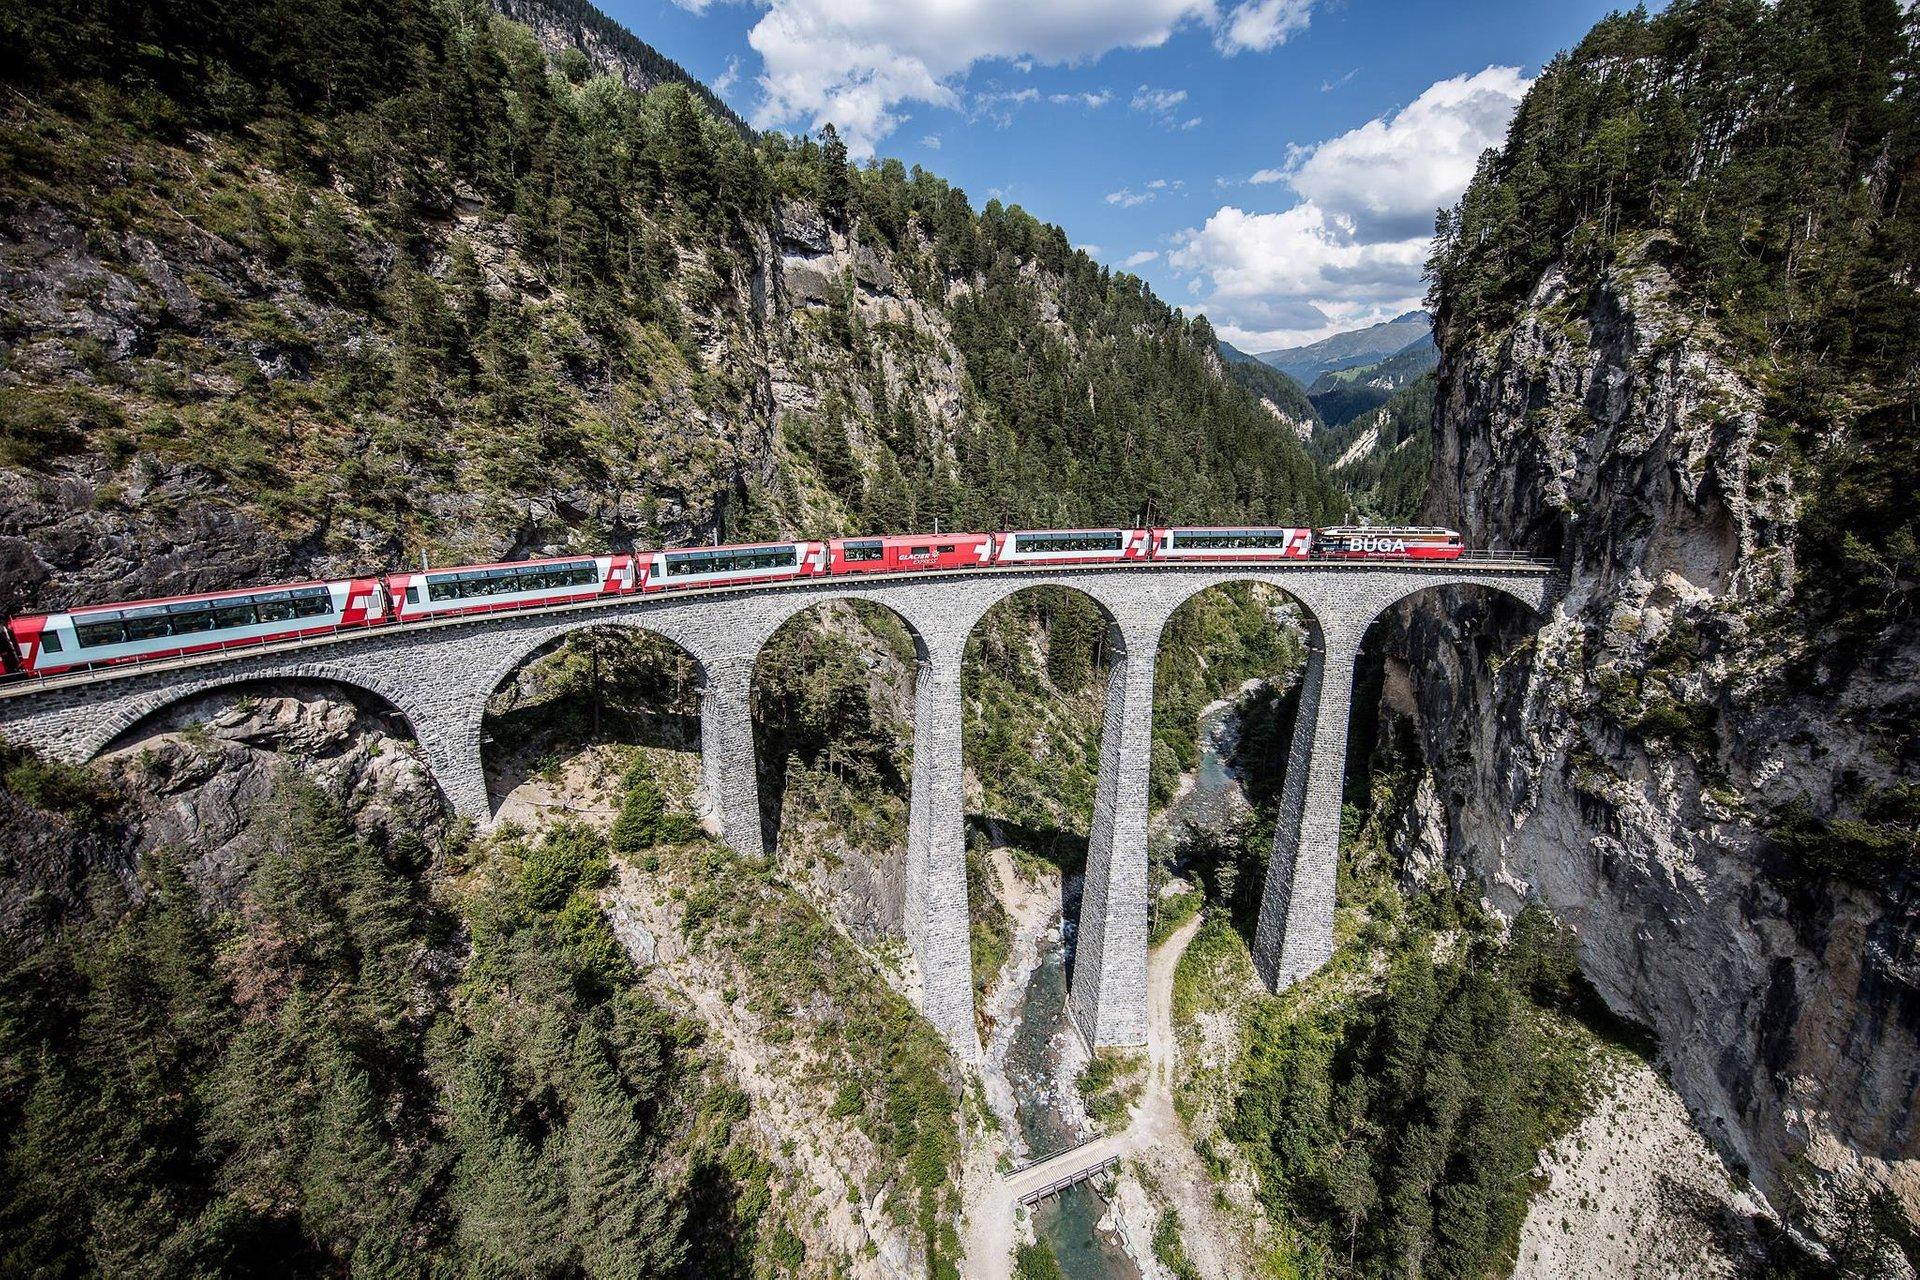 Glacier Express in Switzerland 2020 - Best Time